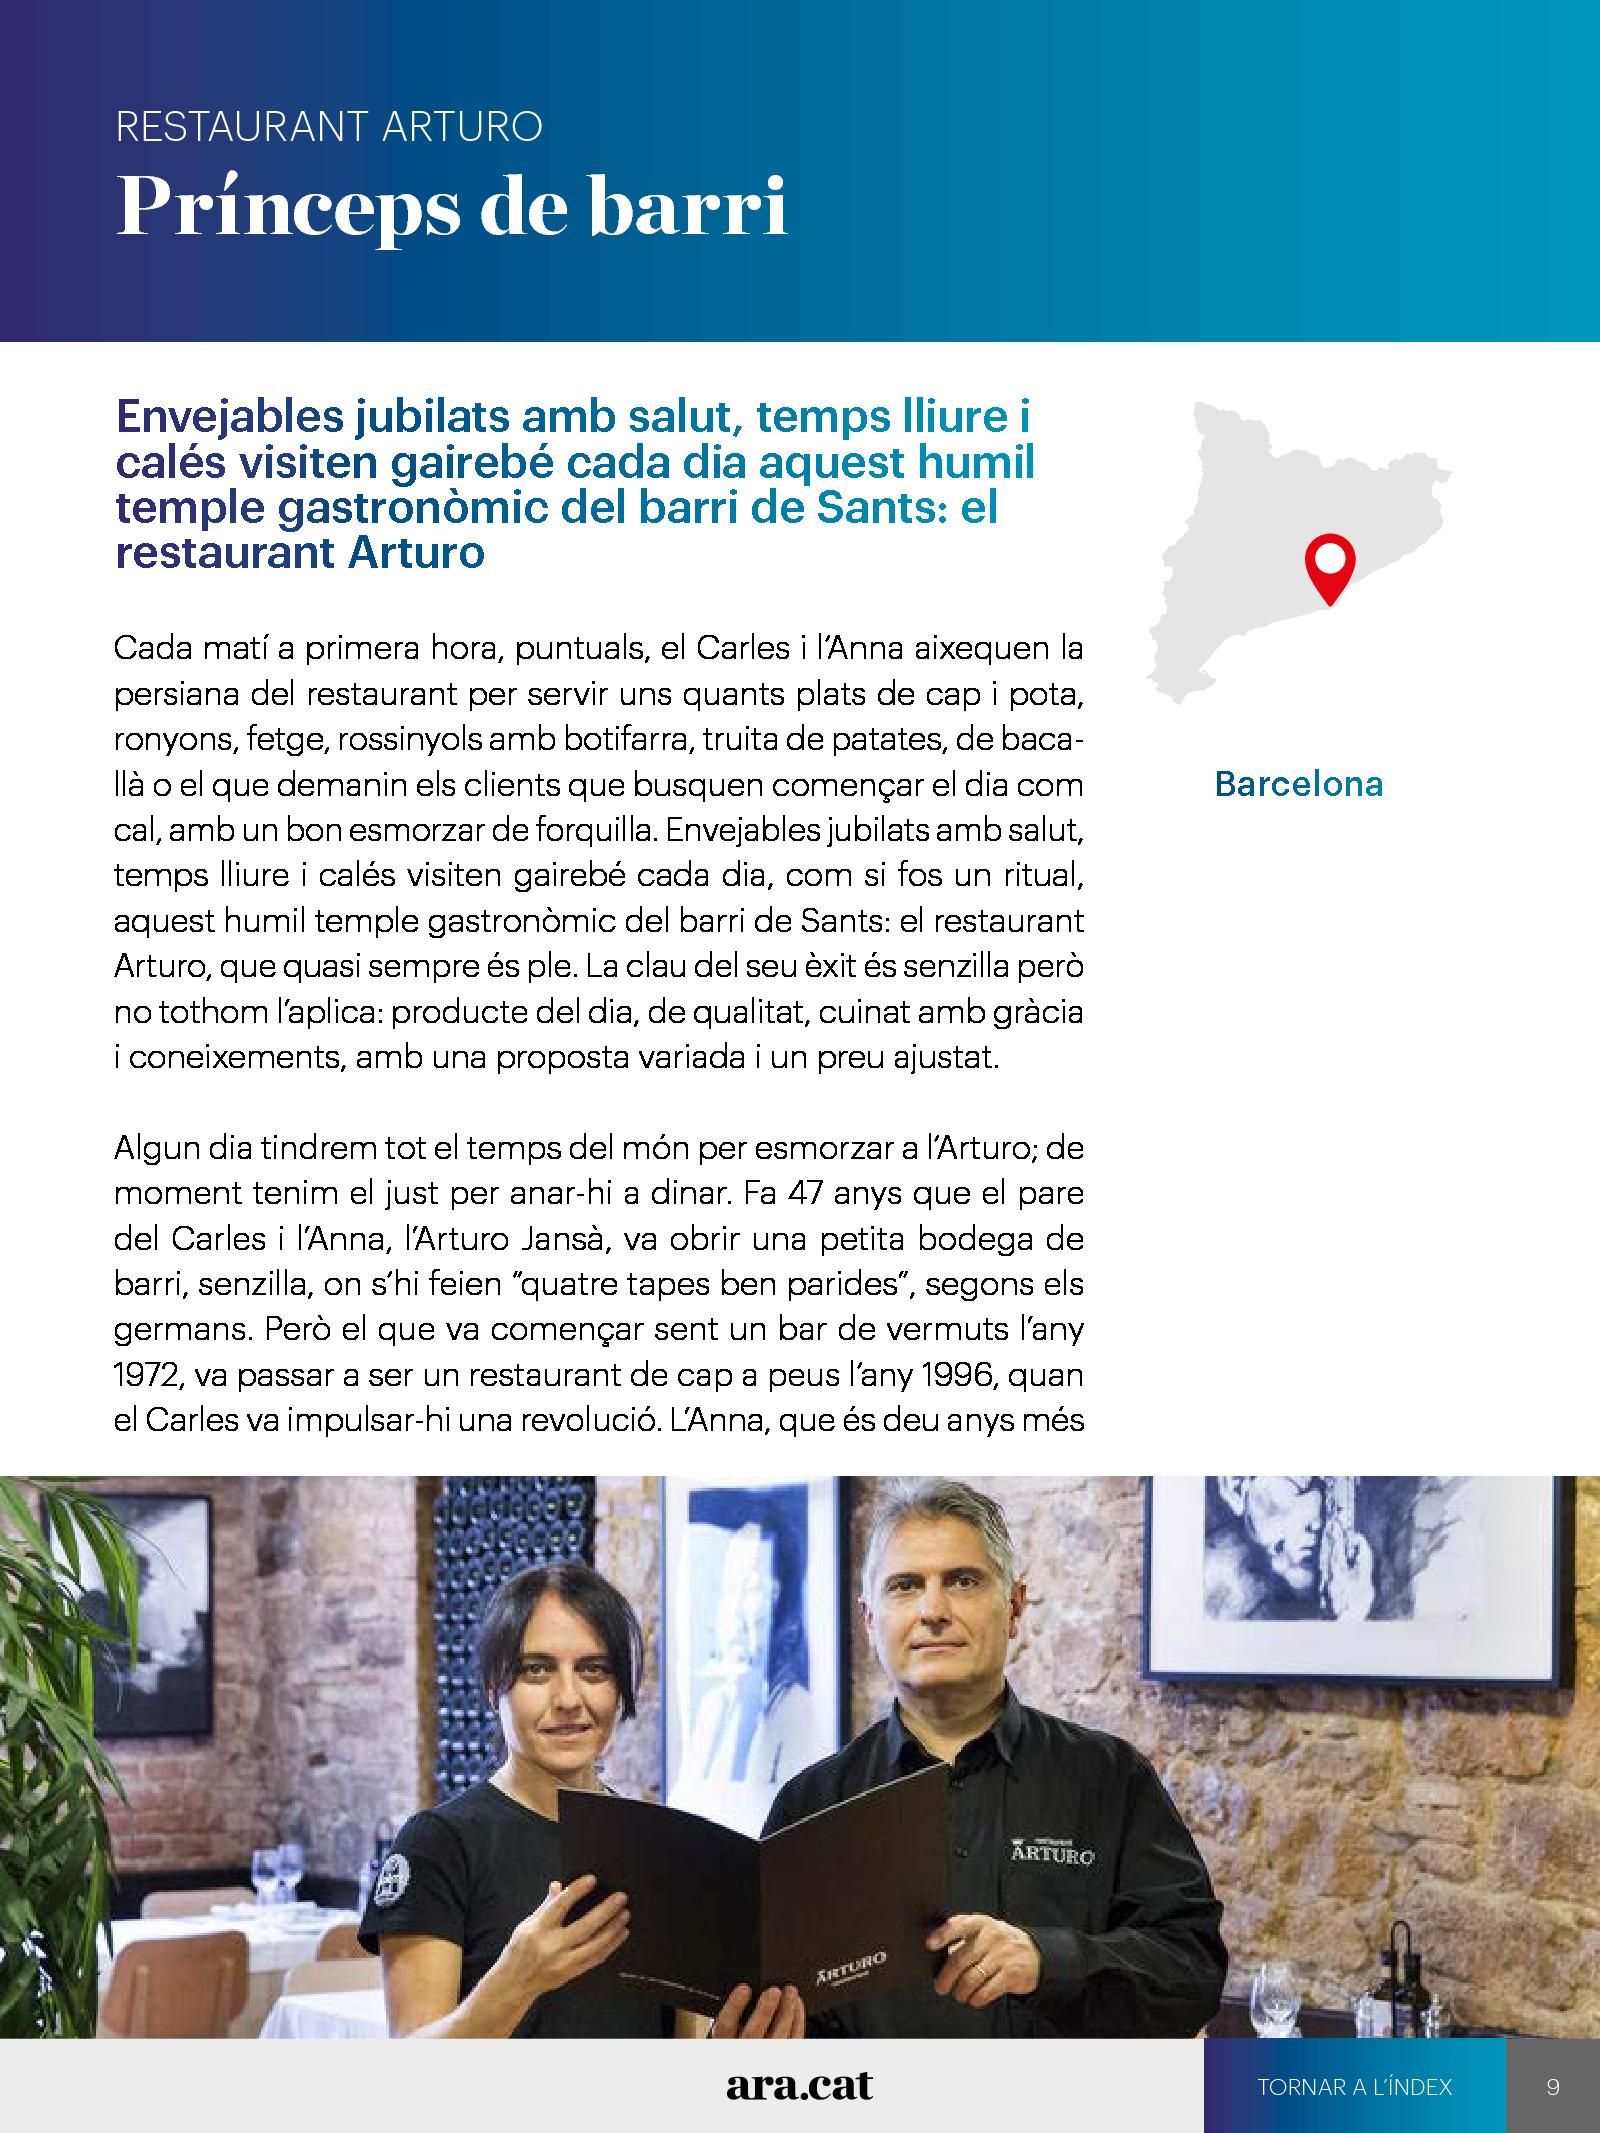 La volta gastronòmica a Catalunya 1